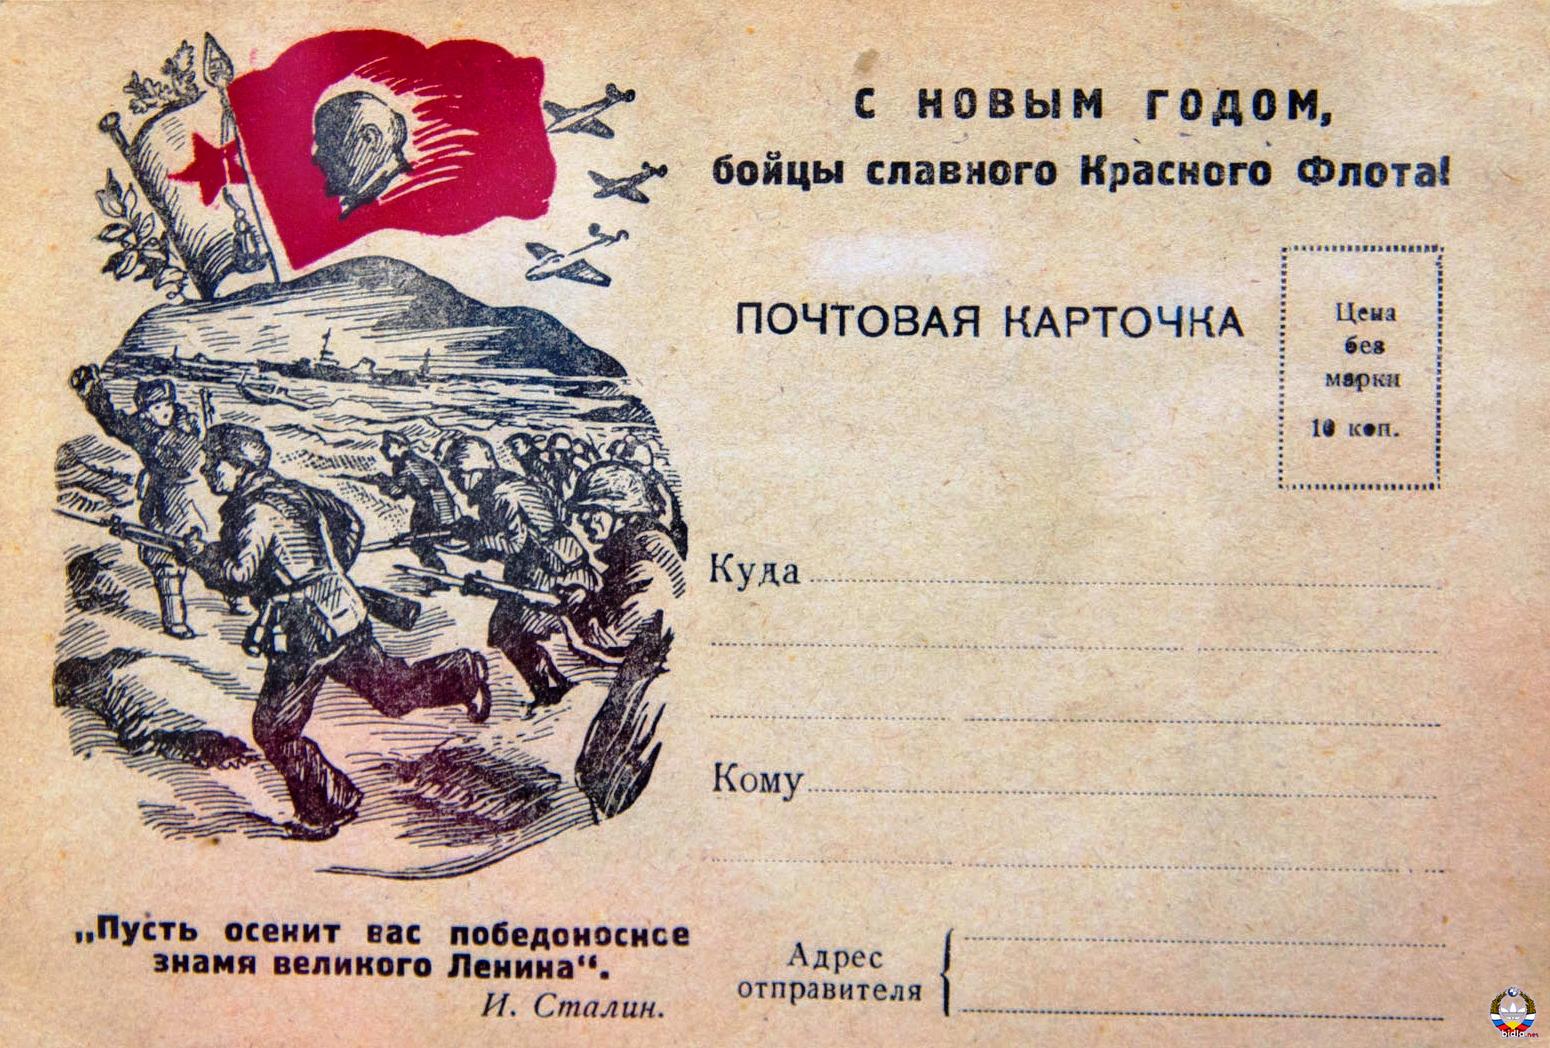 Скрапбукинг воздушный, война 1941 открытки